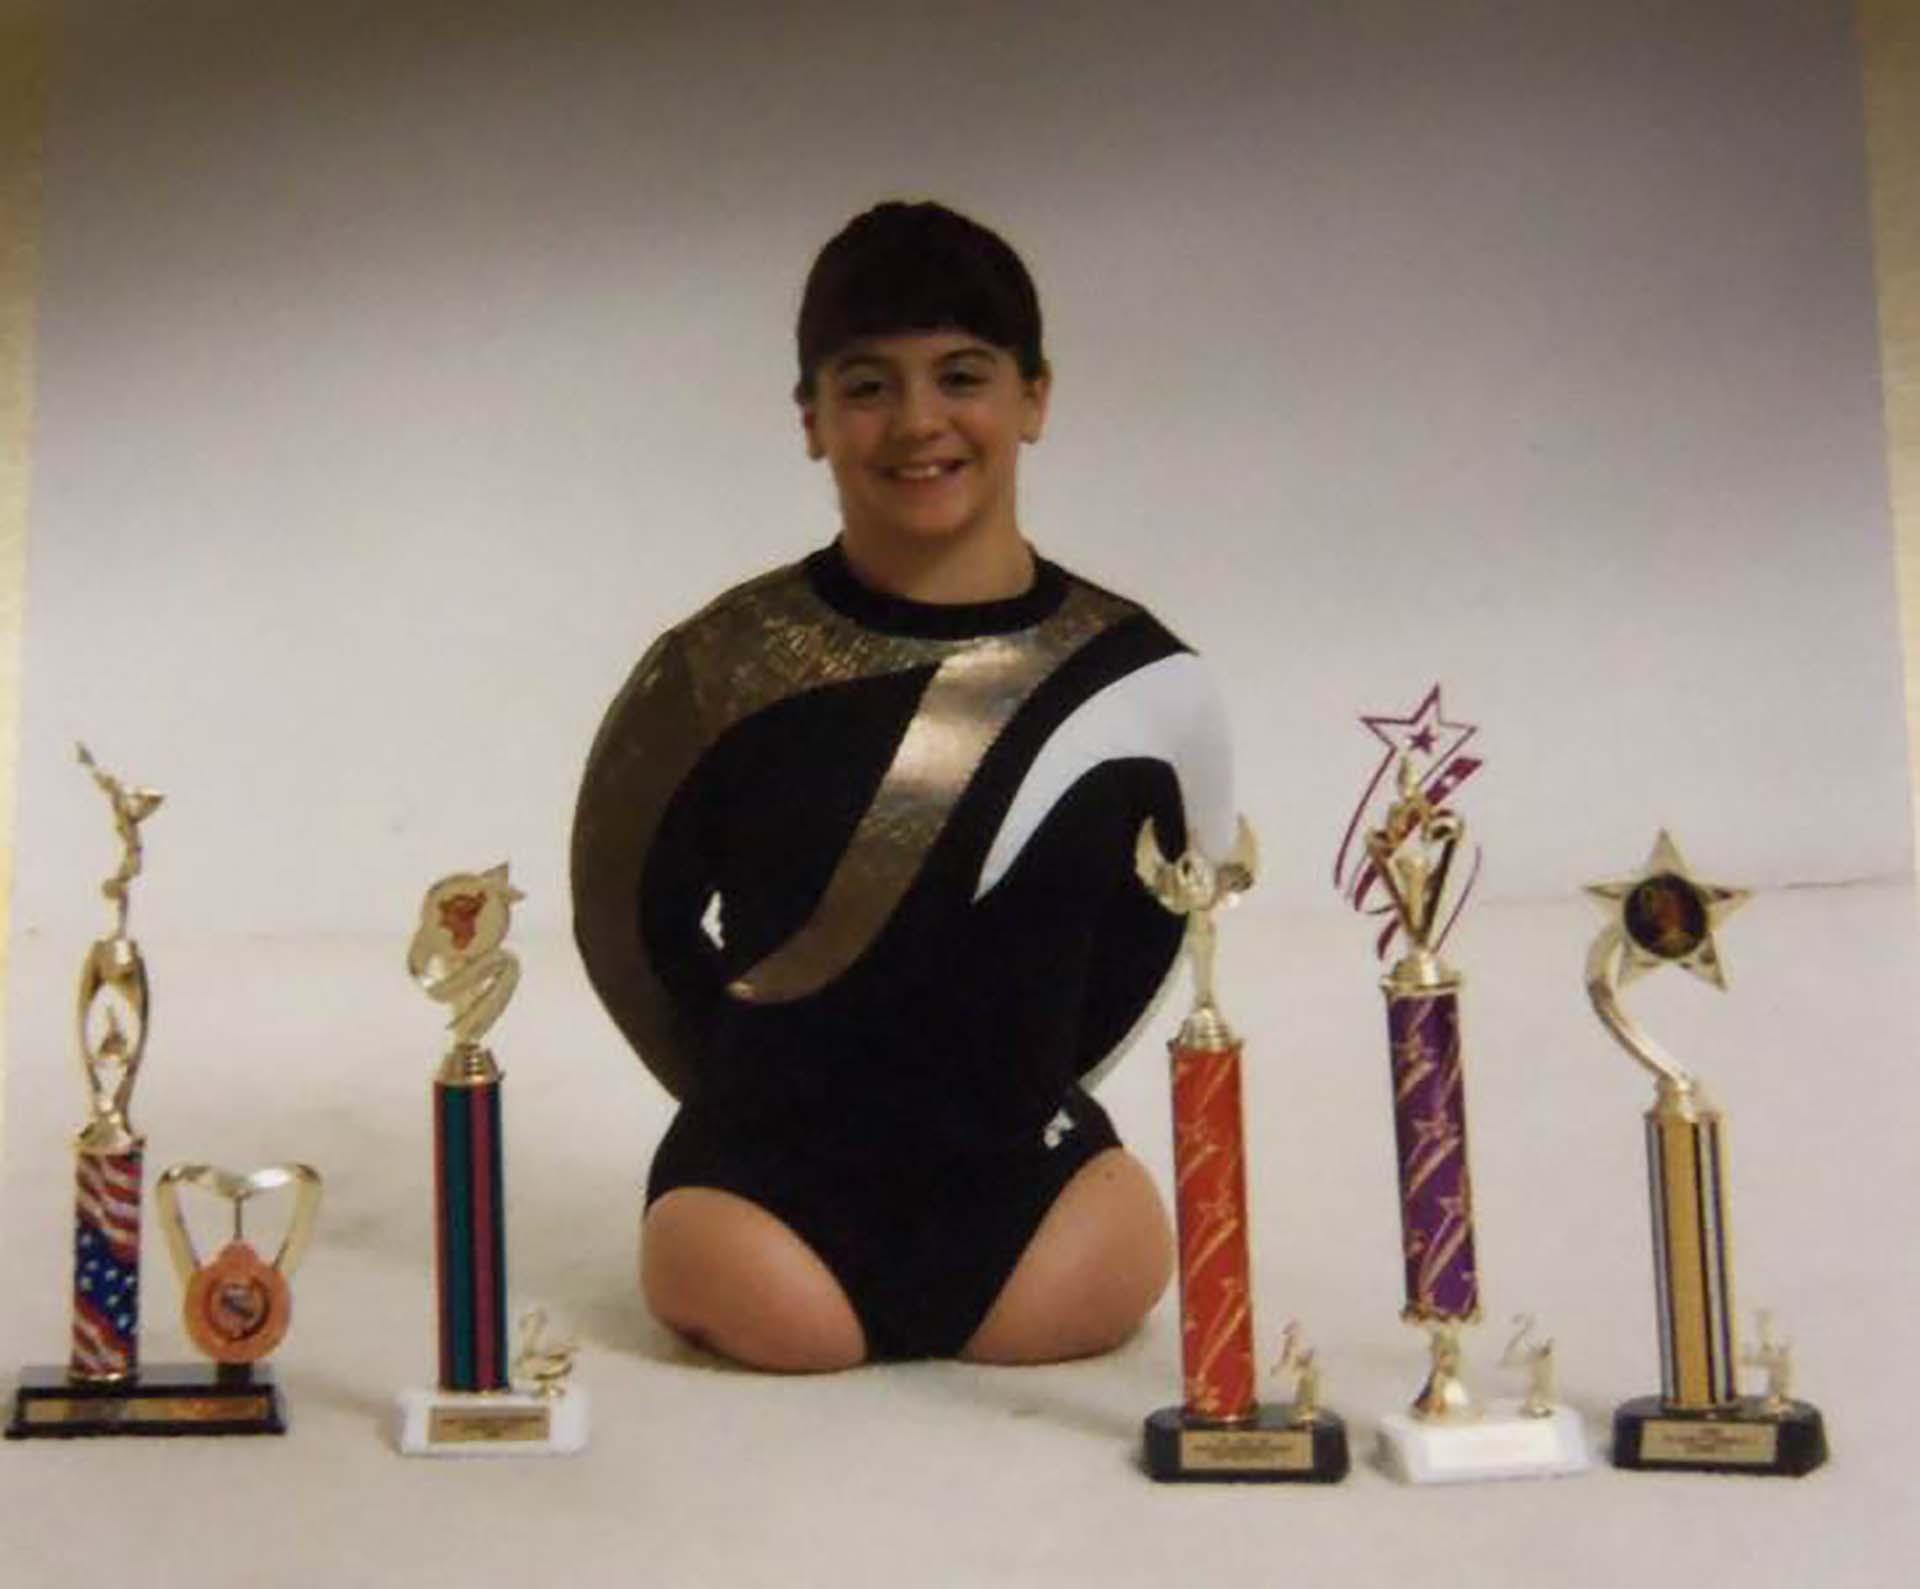 Actriz Porno Por Sin Piernas la historia de la exitosa gimnasta sin piernas que descubrió